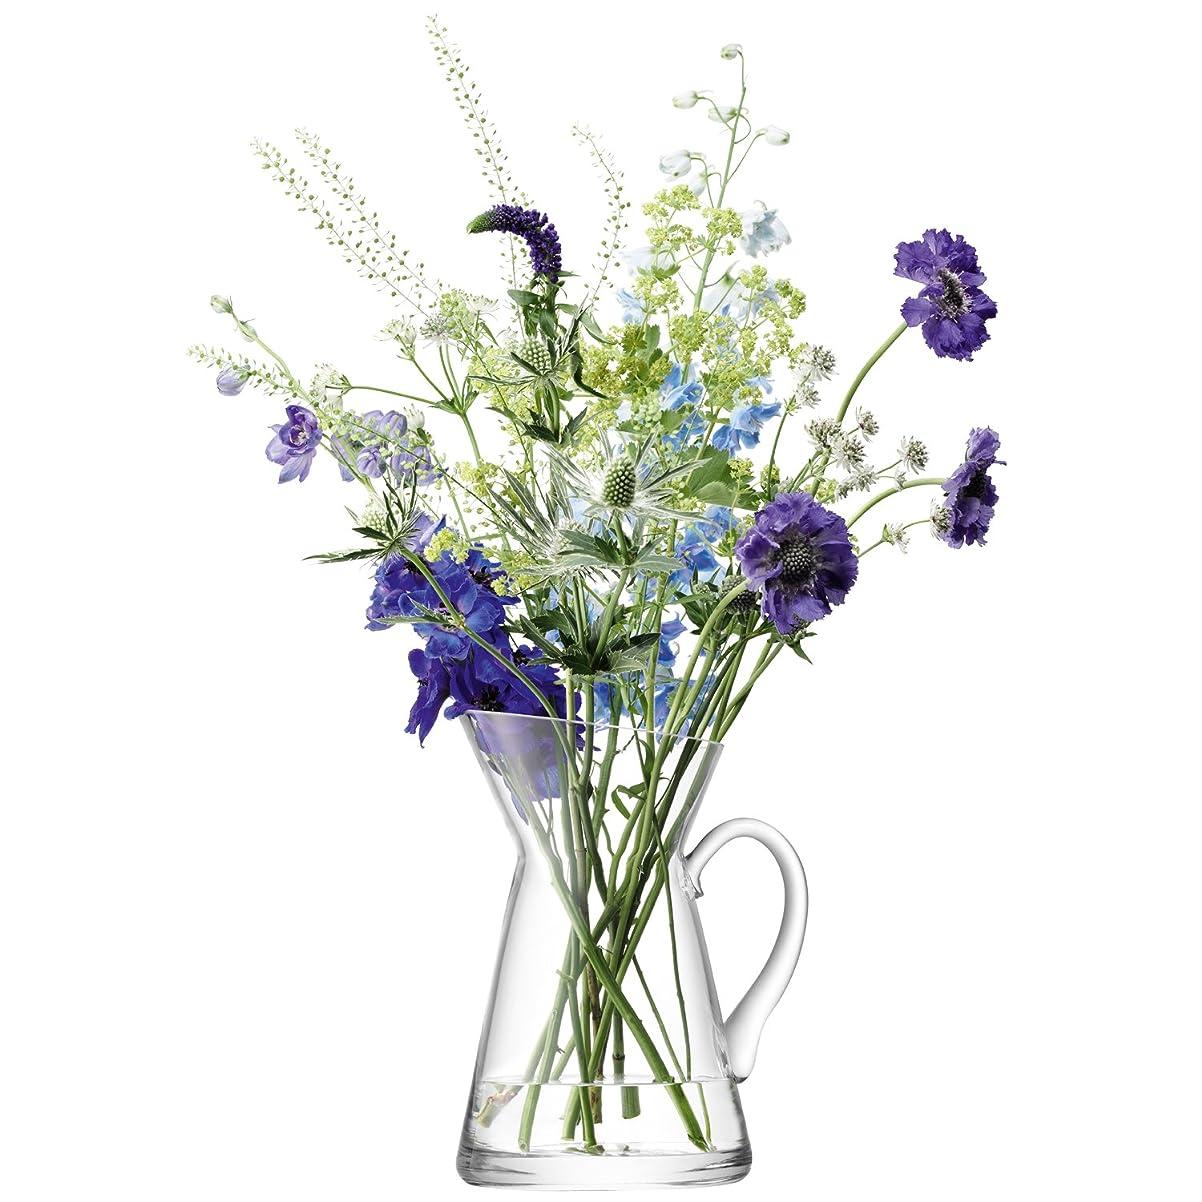 作詞家コンデンサーエンディングLSA(エルエスエー) フラワーベース(花器) クリア 高さ26cm FLOWER G1087-26-301